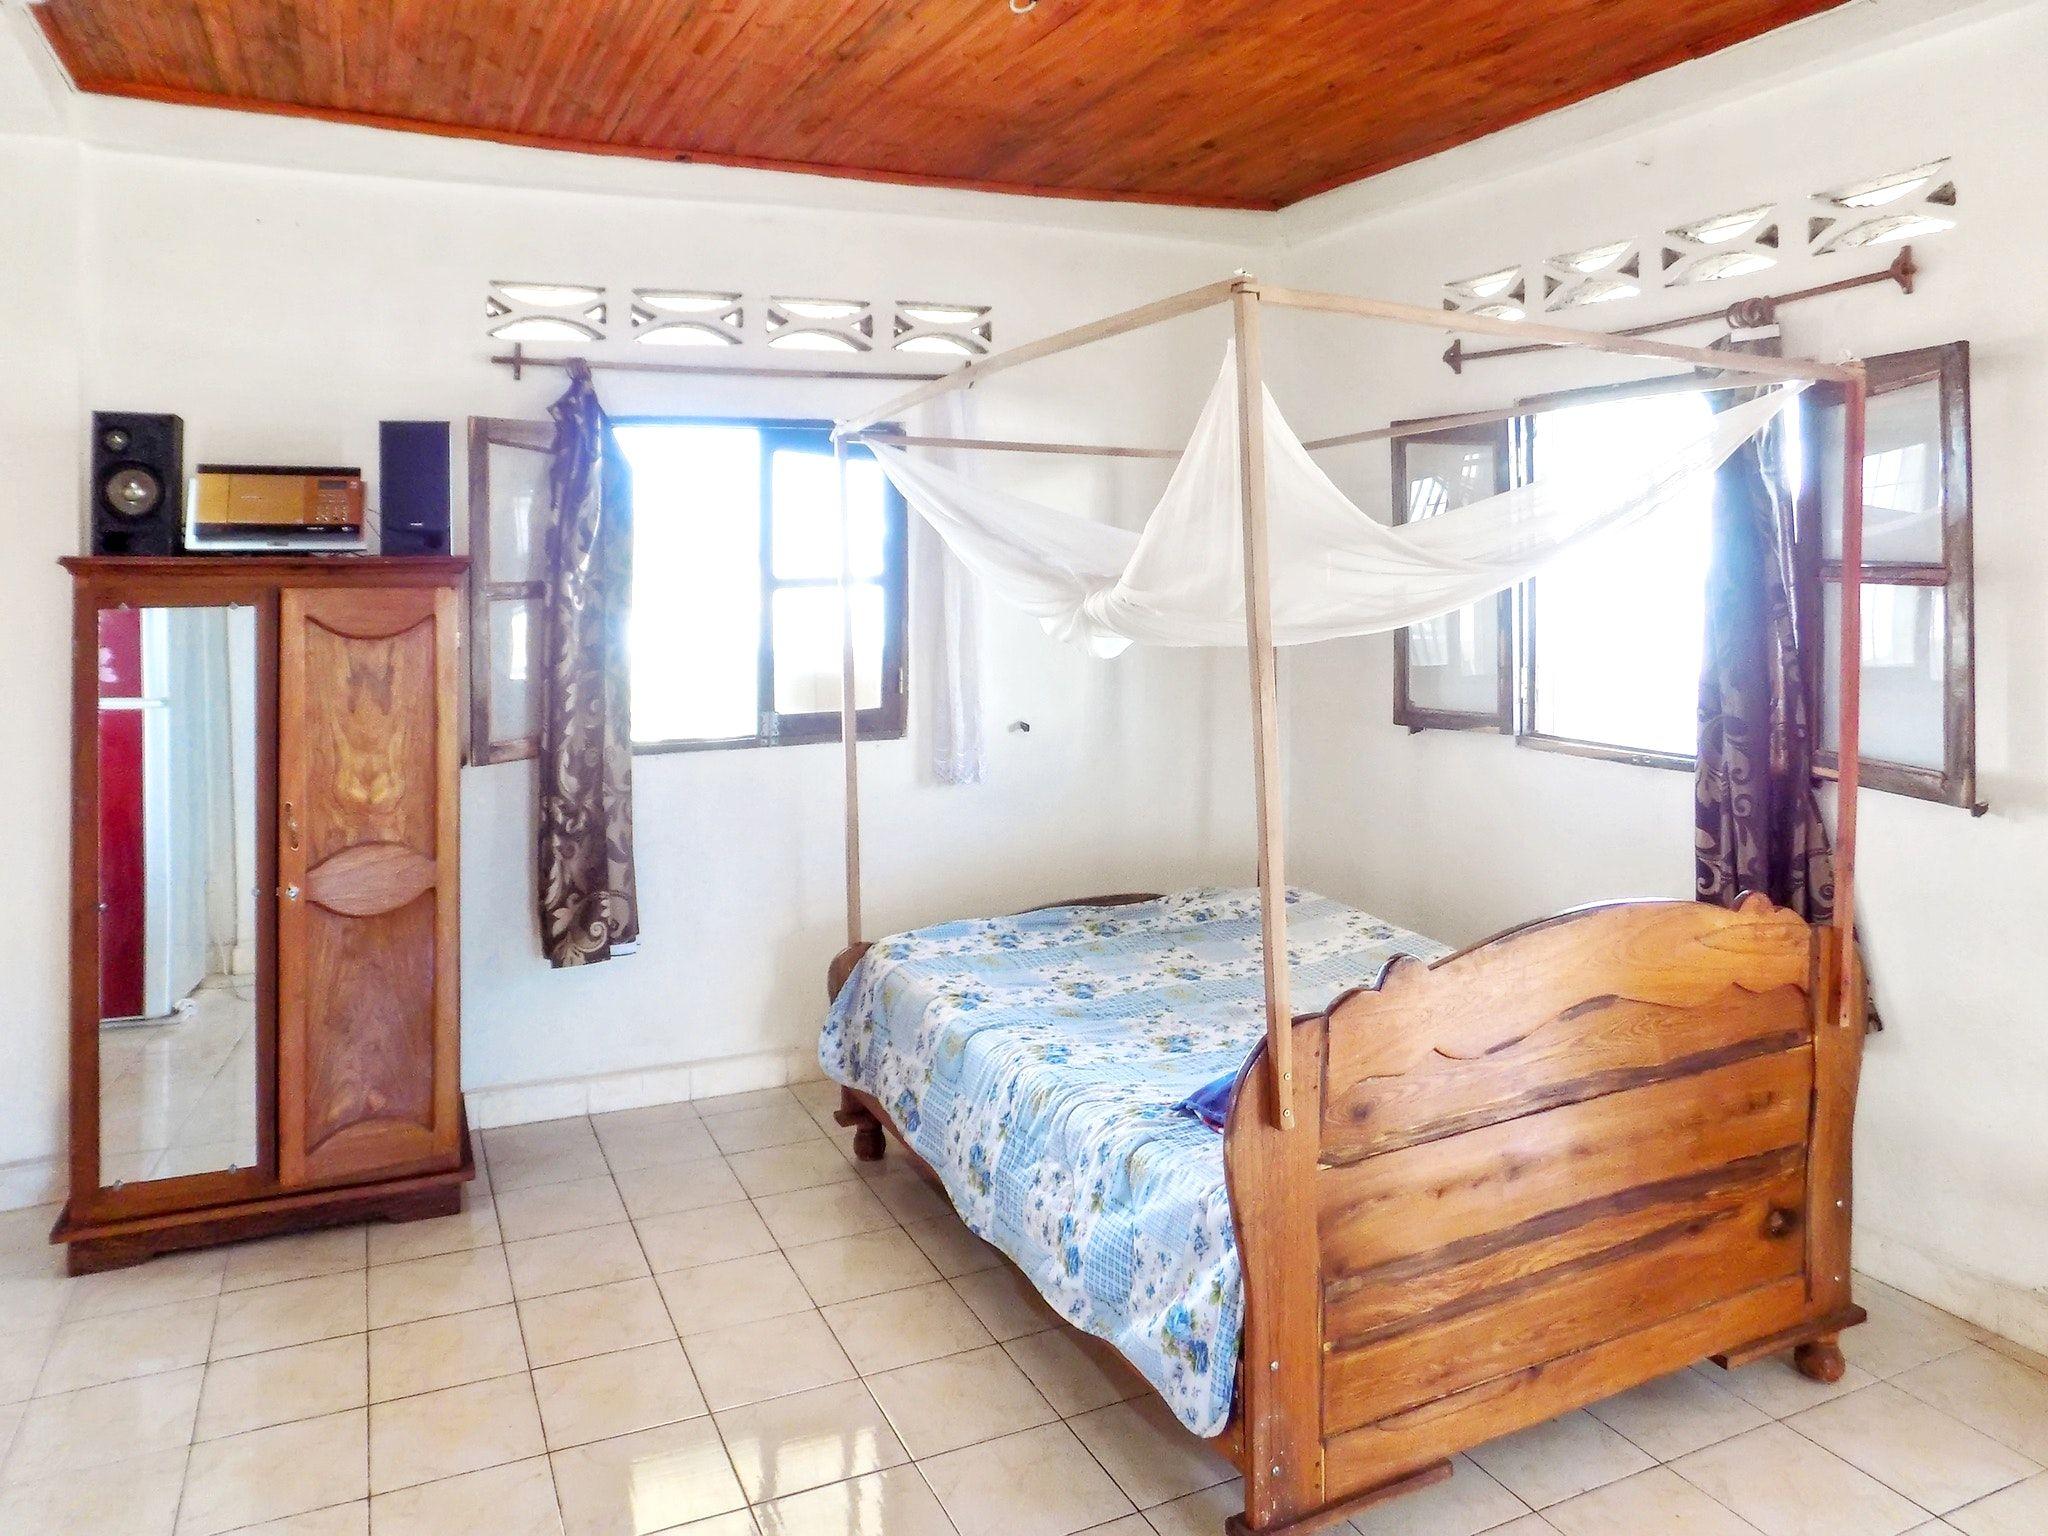 Flat with balcony in Mahajanga